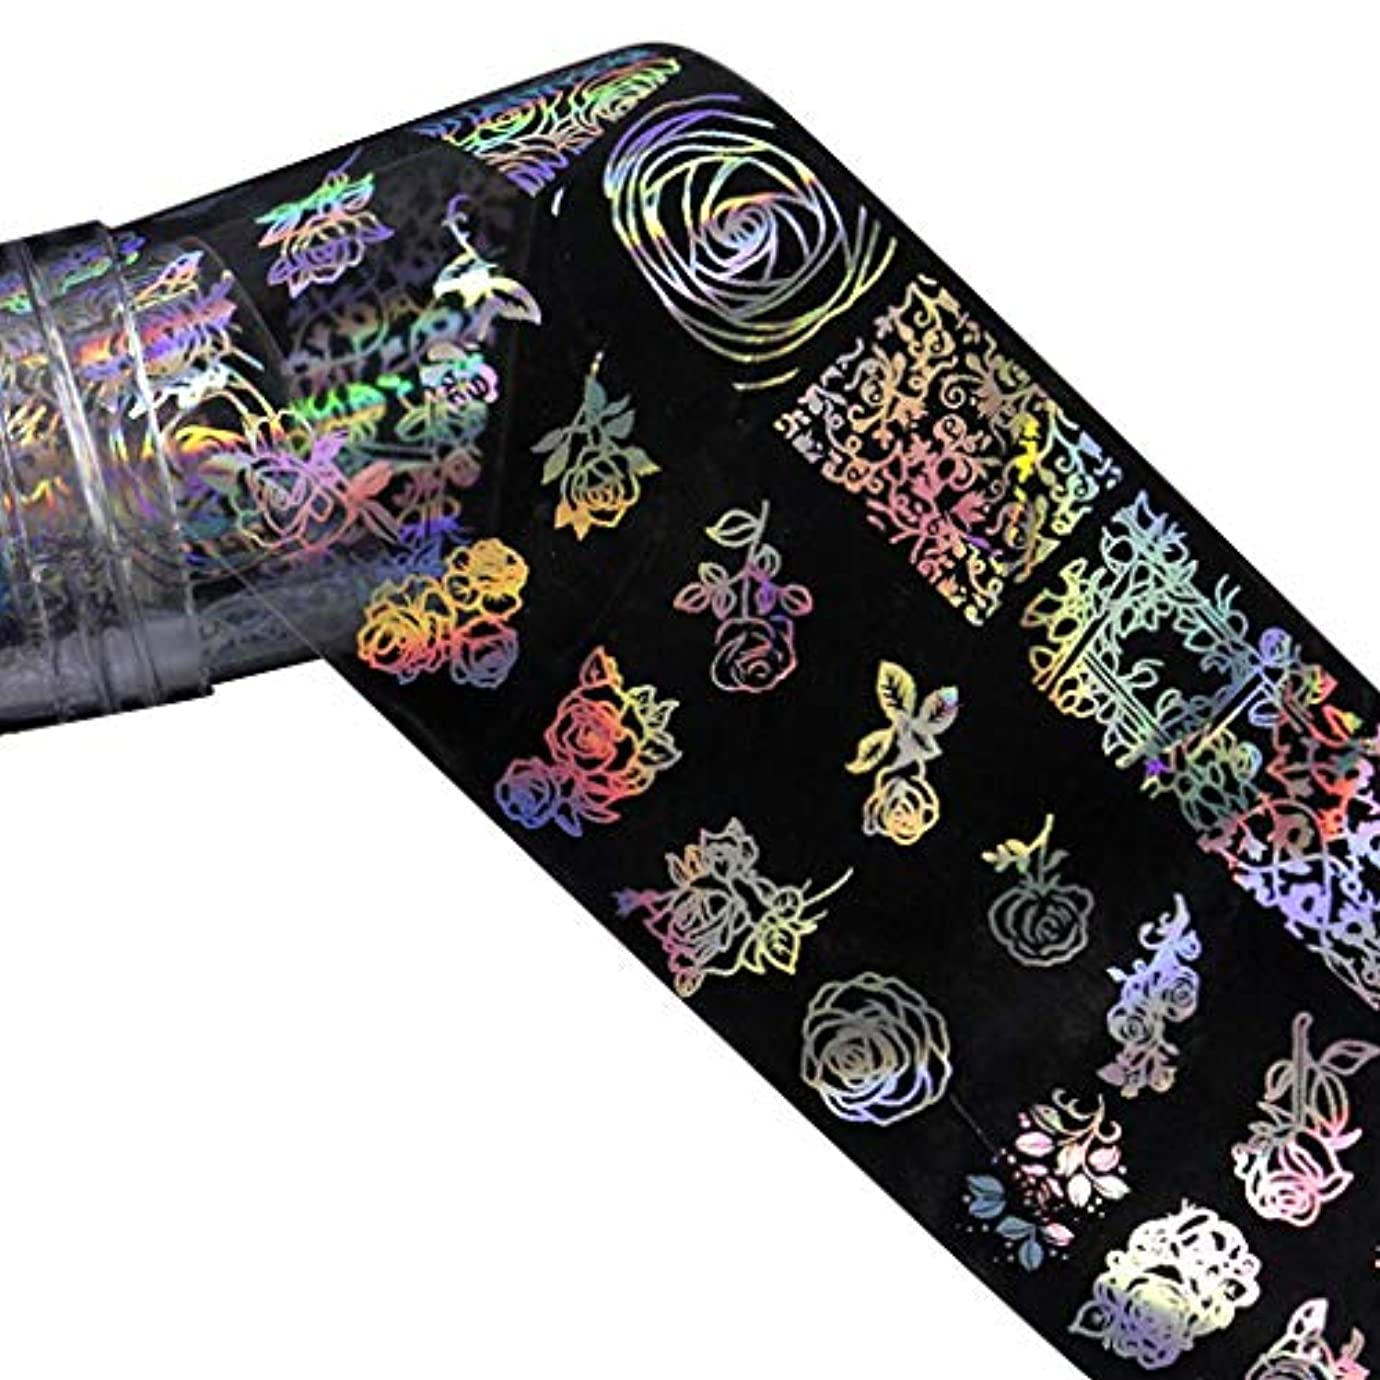 アーサー天気のれんNerhaily ヨーロッパ風格 ネイルホイル ネイルシール ウォーターネイルシール 爪に貼るだけ ネイルデコレーション 全10種類 ロールネイルシール